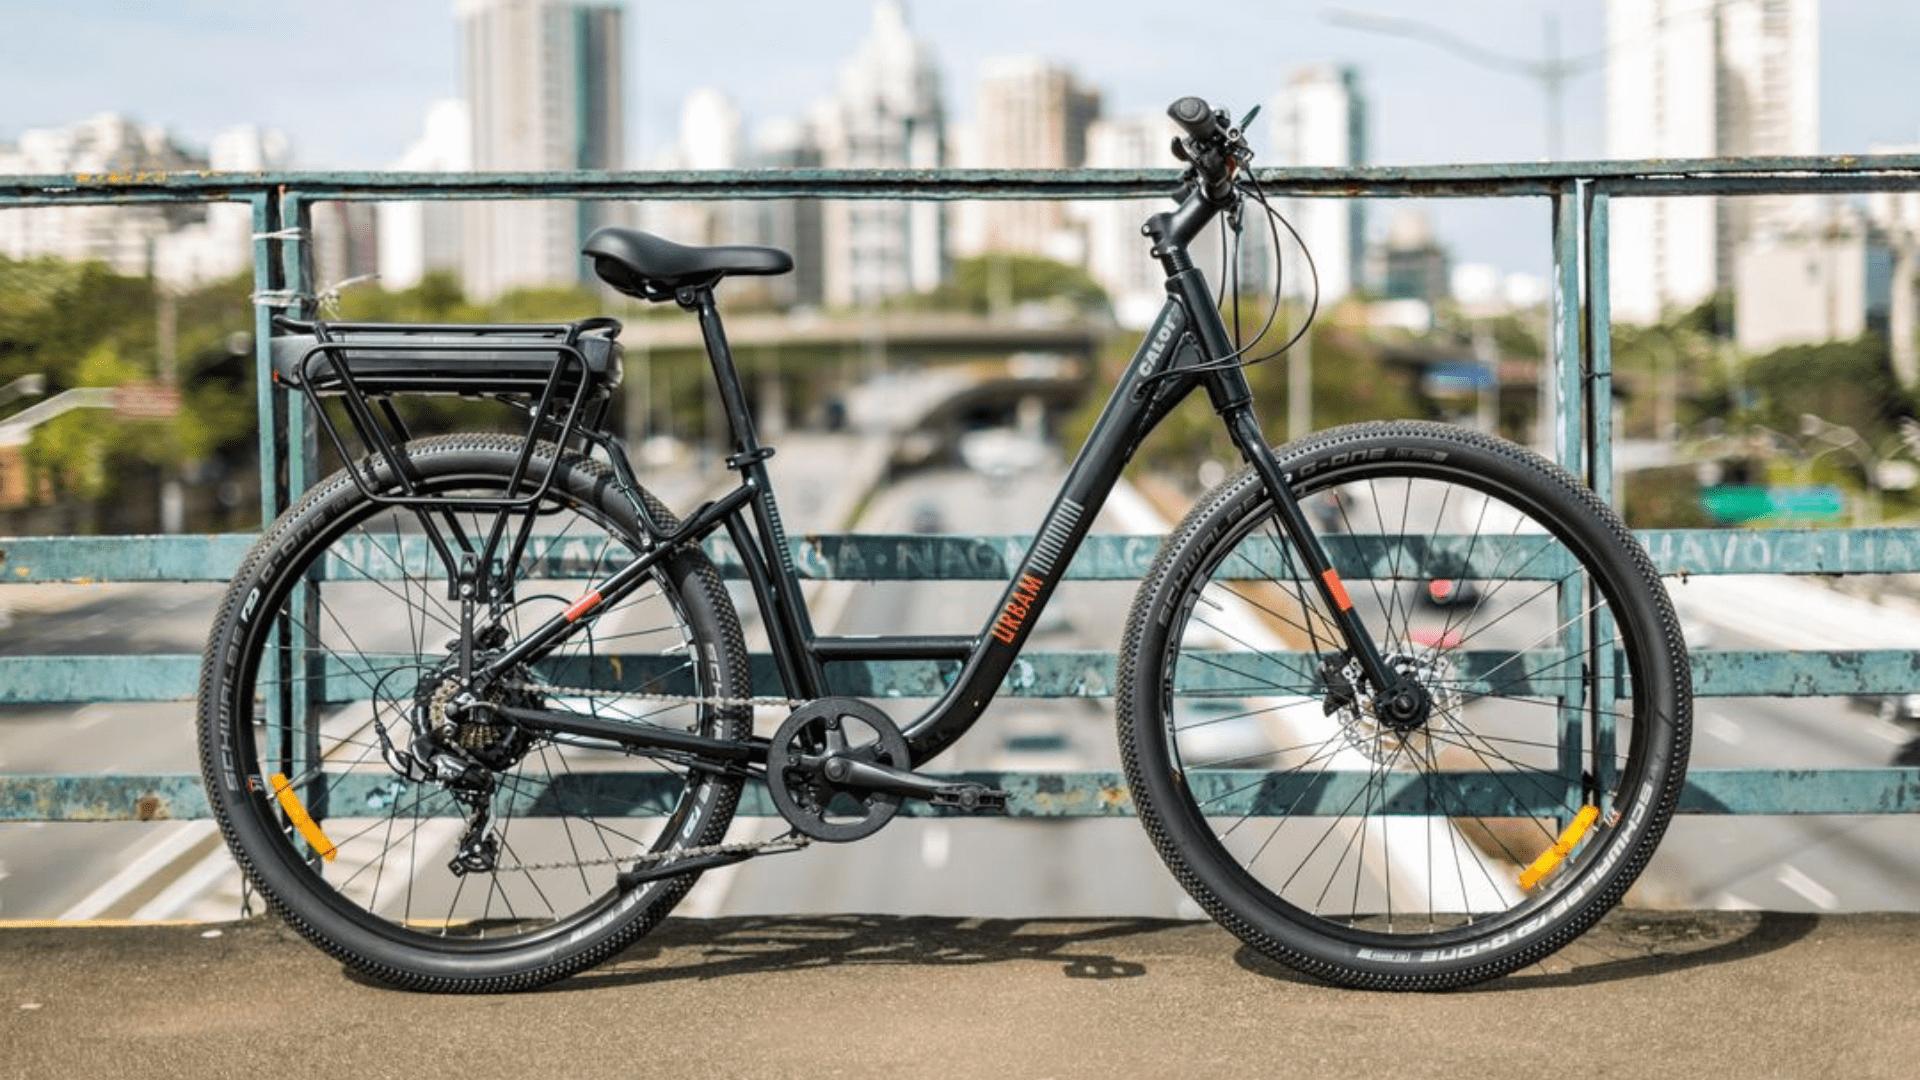 Veja a nossa seleção das melhores bicicletas Caloi de 2021! (Imagem: Reprodução/Shutterstock)